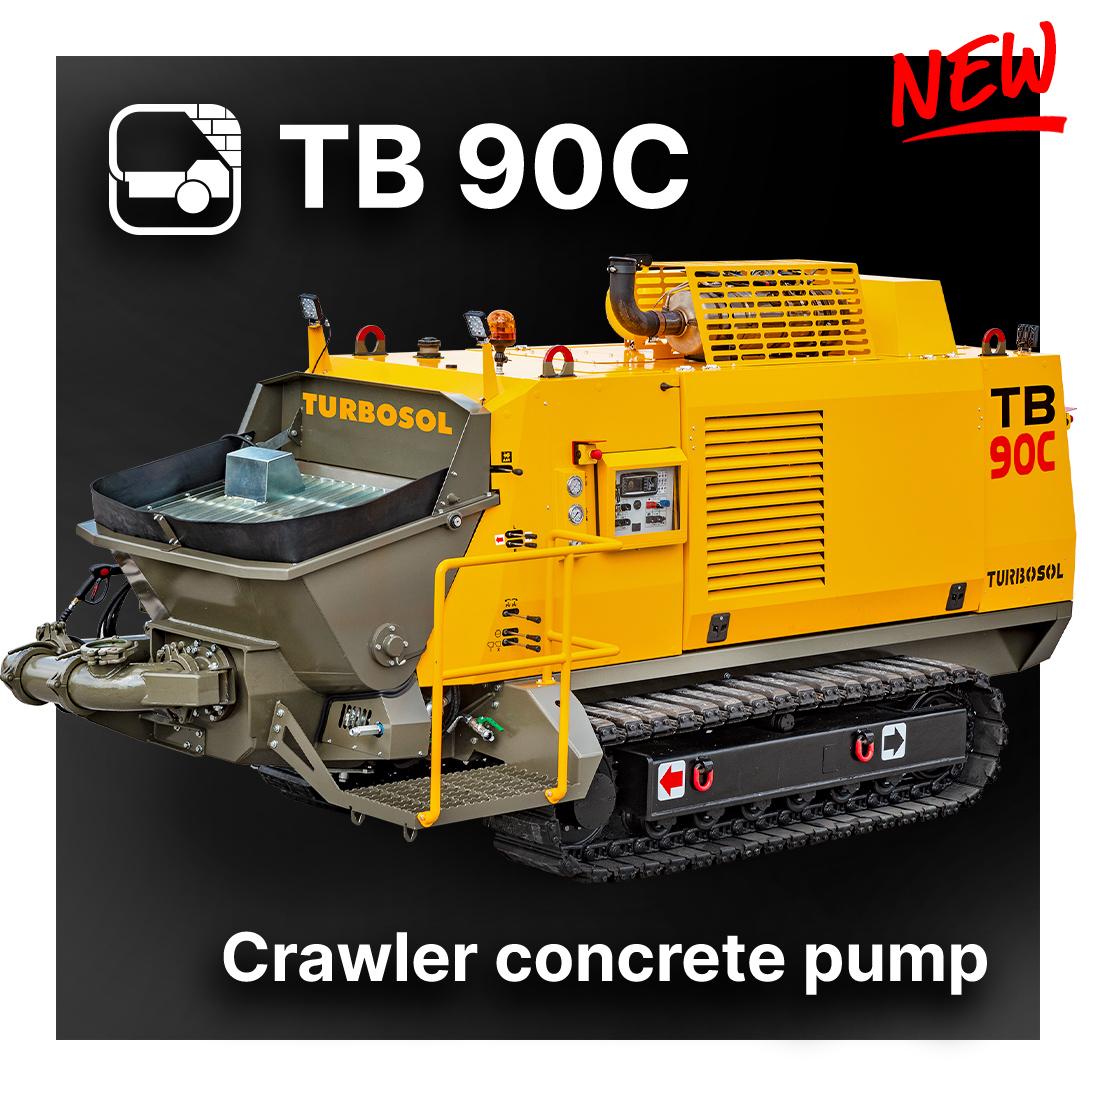 New TB 90C crawler concrete pump